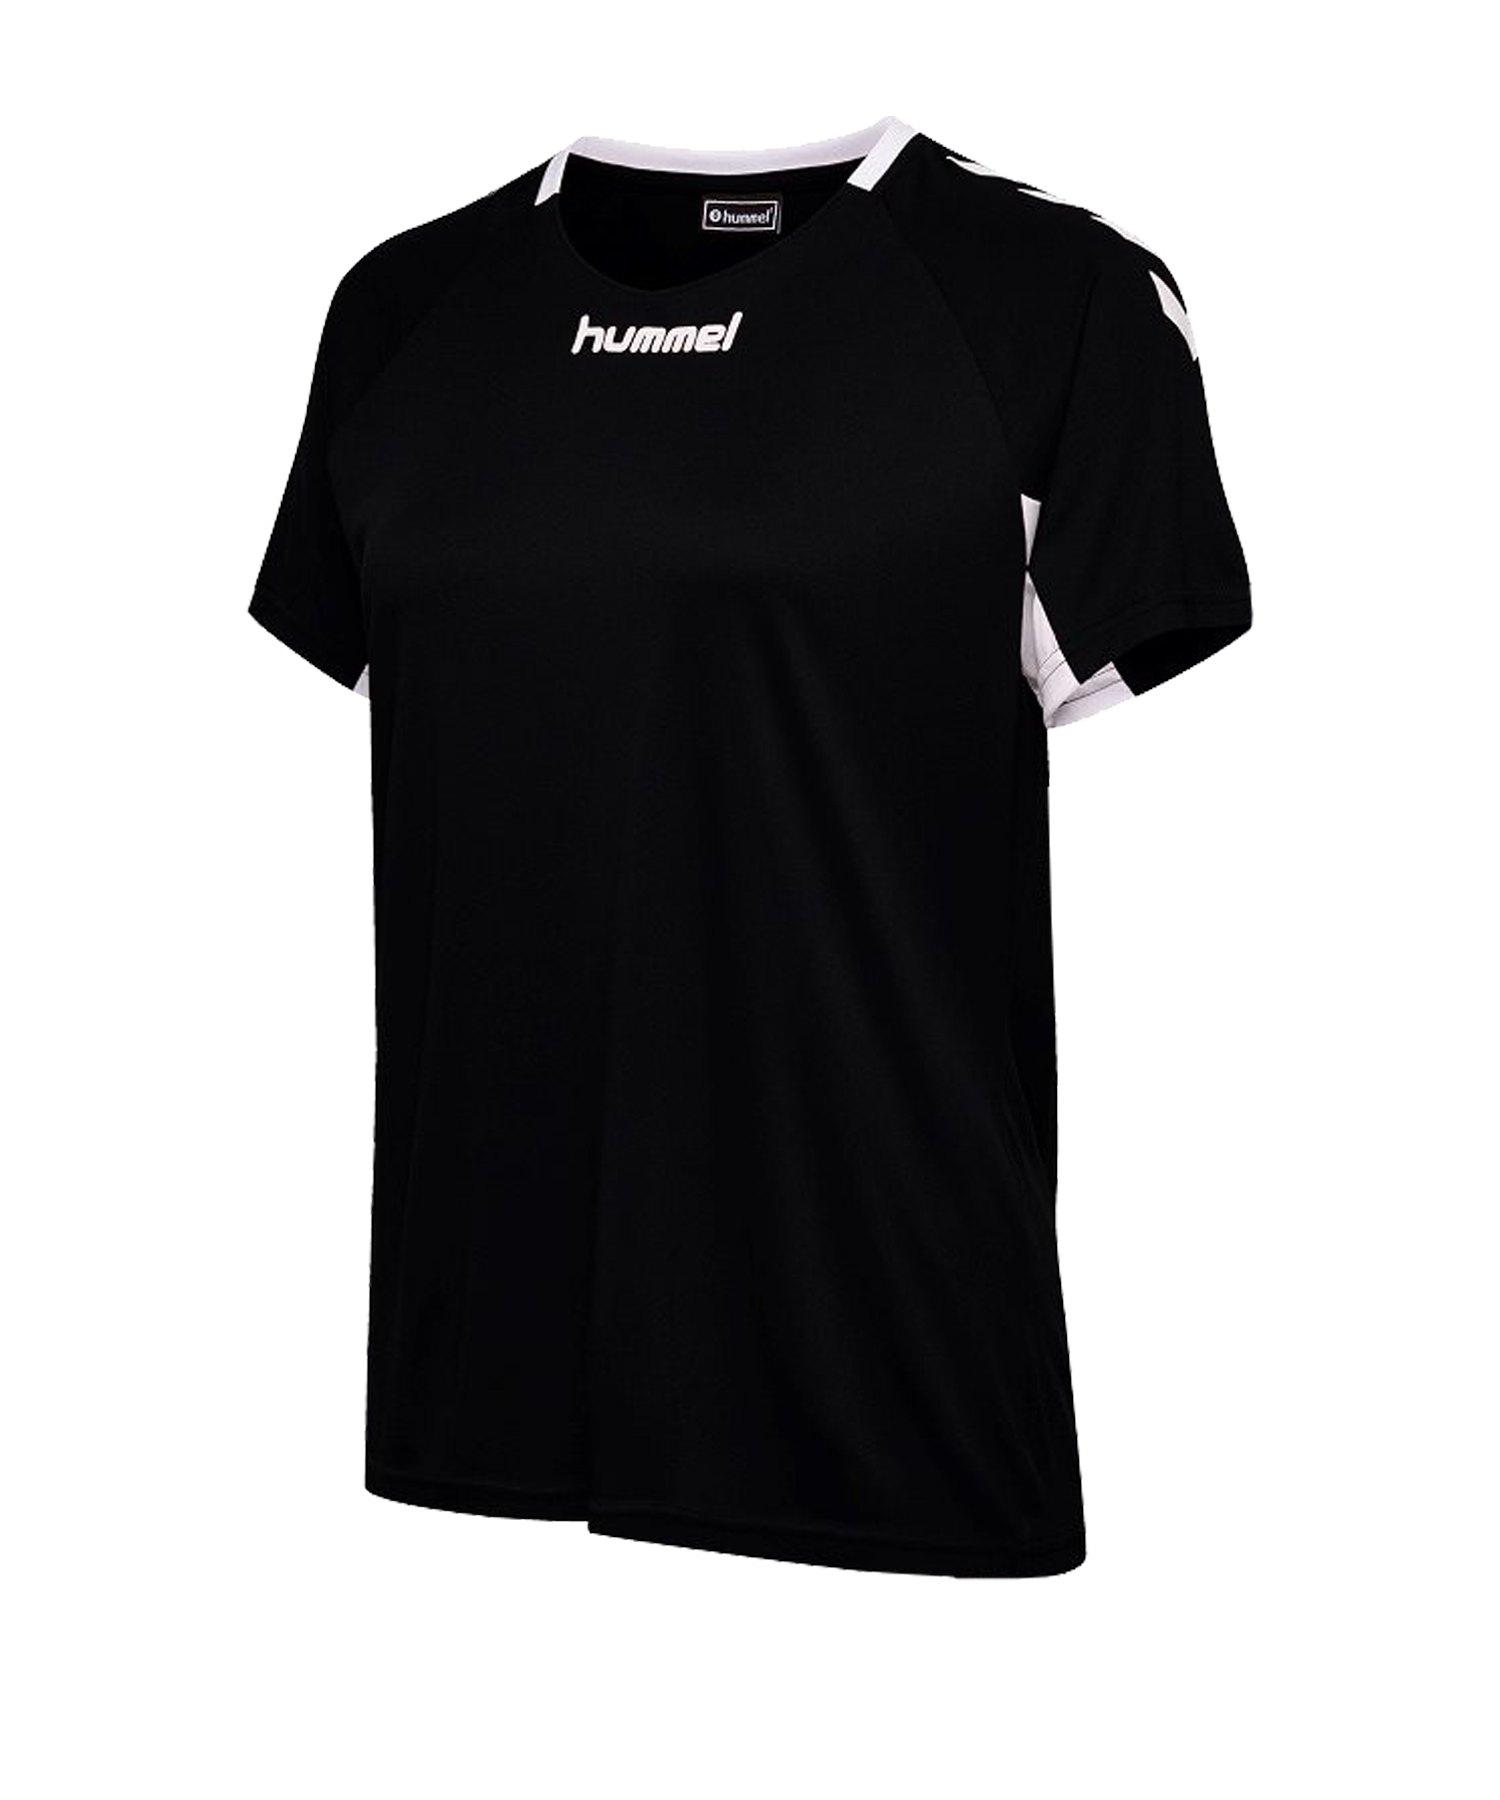 Hummel Core Team Jersey Trikot Damen F2001 - schwarz